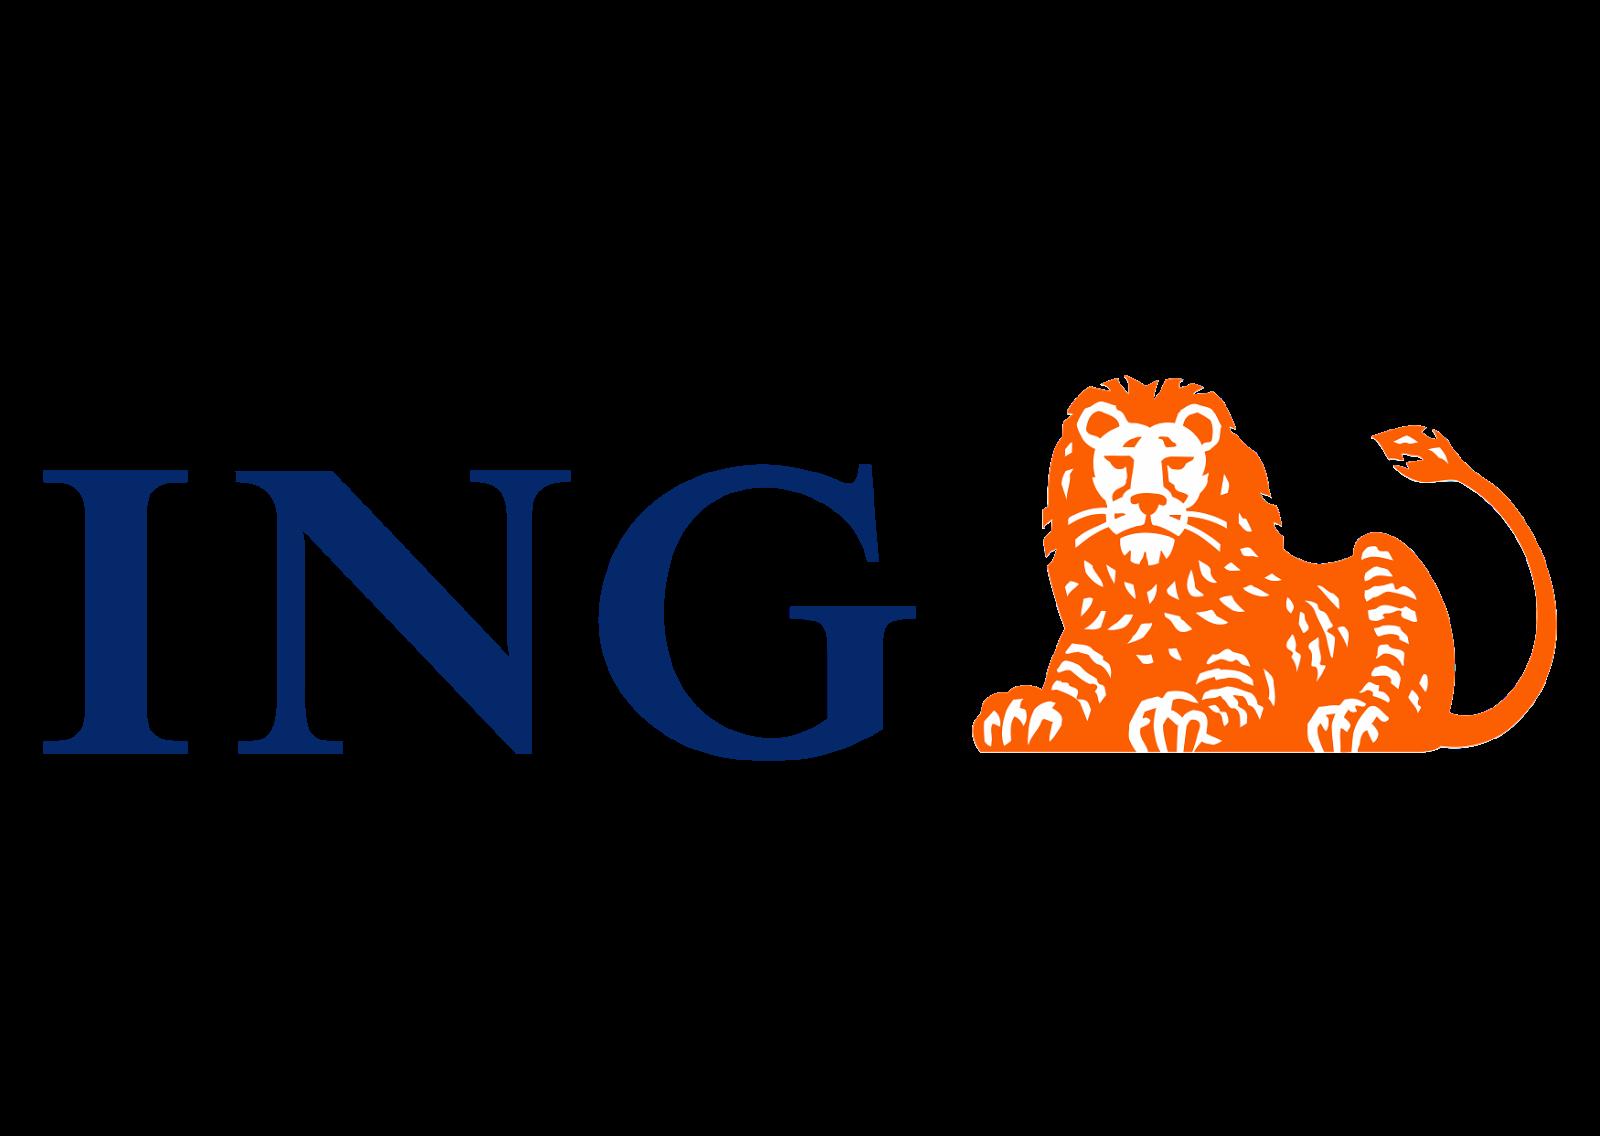 ING Logo Wallpaper